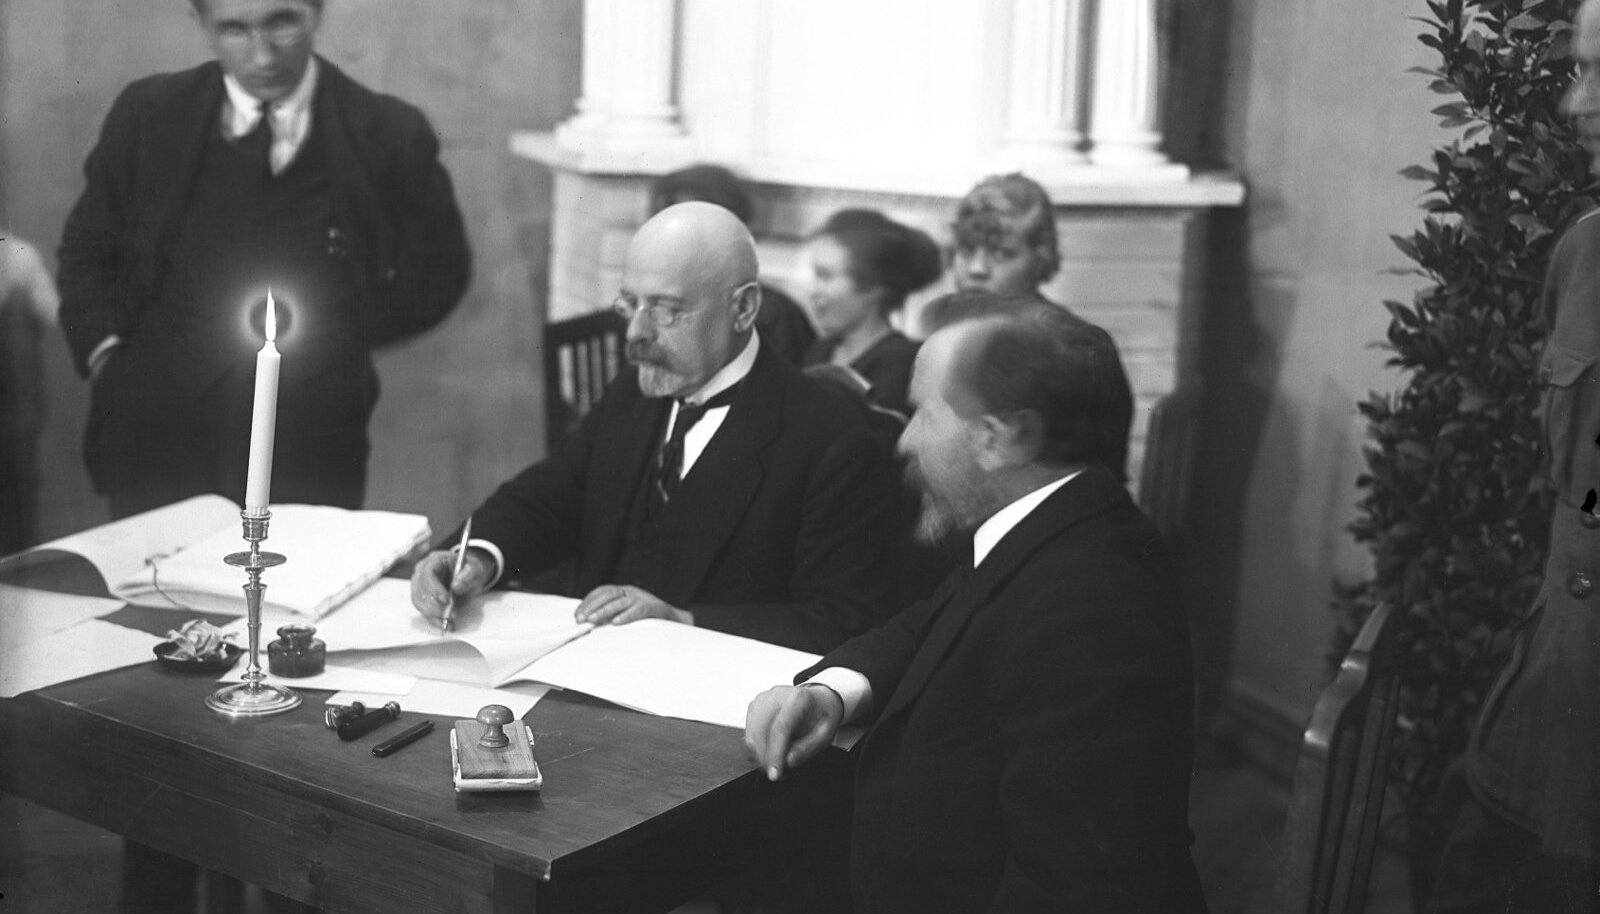 VÄÄRIS NOBELIT: Varakevadel 1922 esitati Eesti valitsus Tartu rahulepingu sõlmimise eest Nobeli rahuauhinna kandidaadiks.